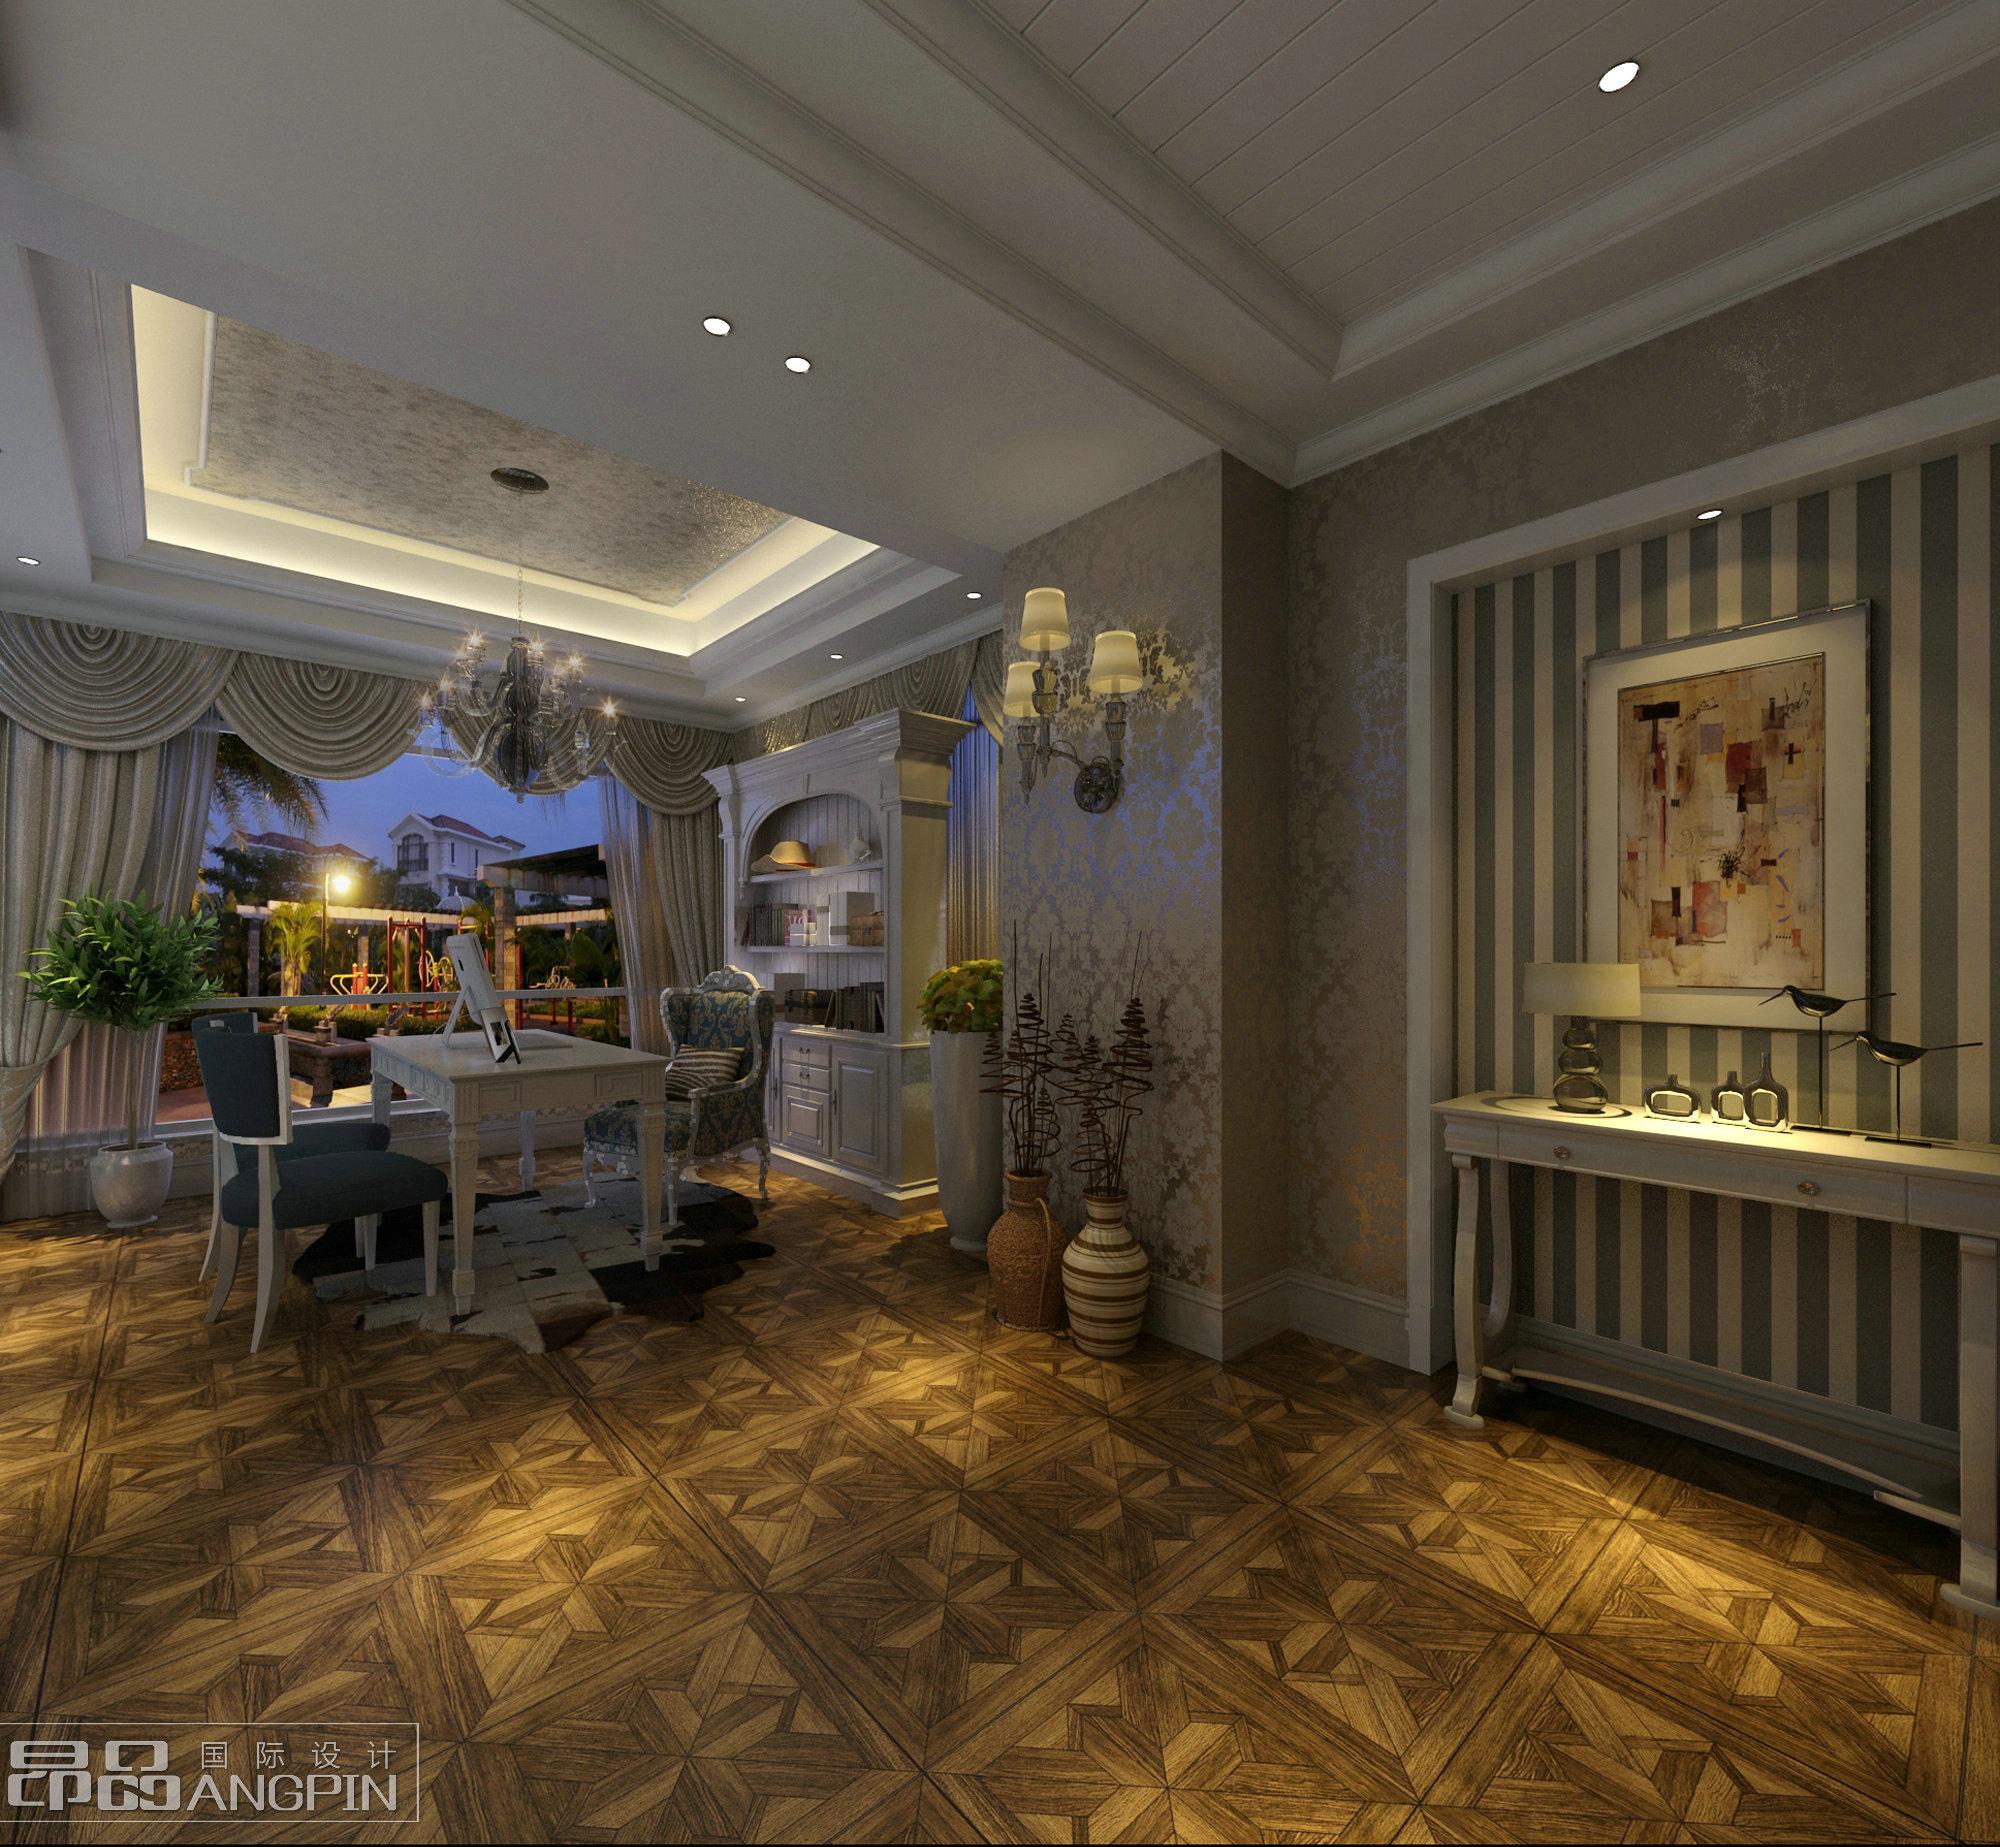 贵阳山地别墅装修,中式,欧式混搭风格设计案例!